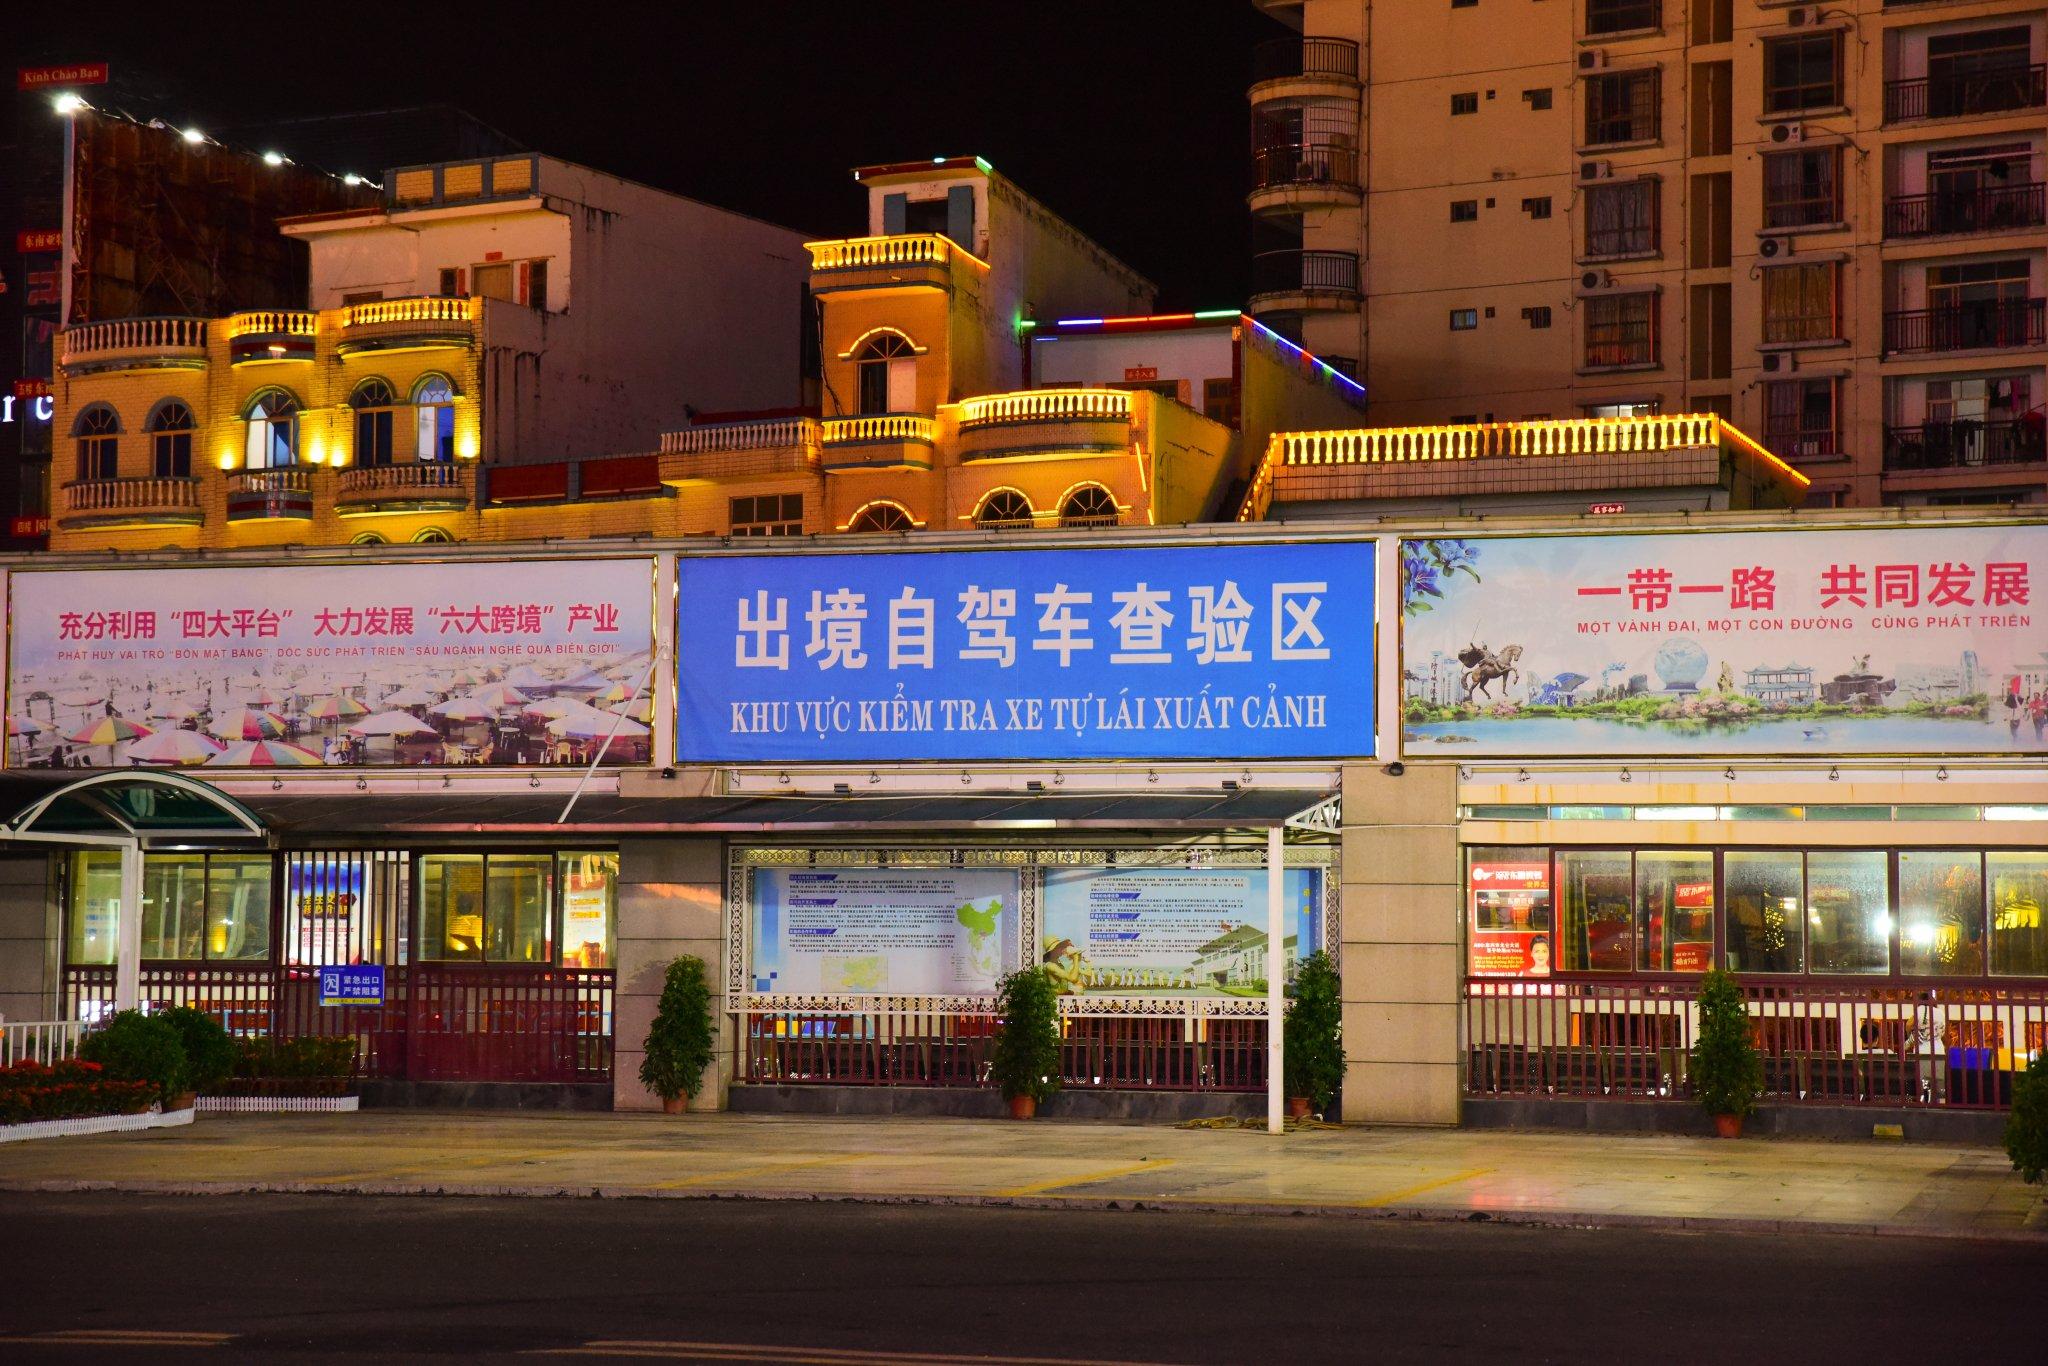 2018明翠炒螺店美食餐厅,一家食品极具越南特华美销售额年这是图片